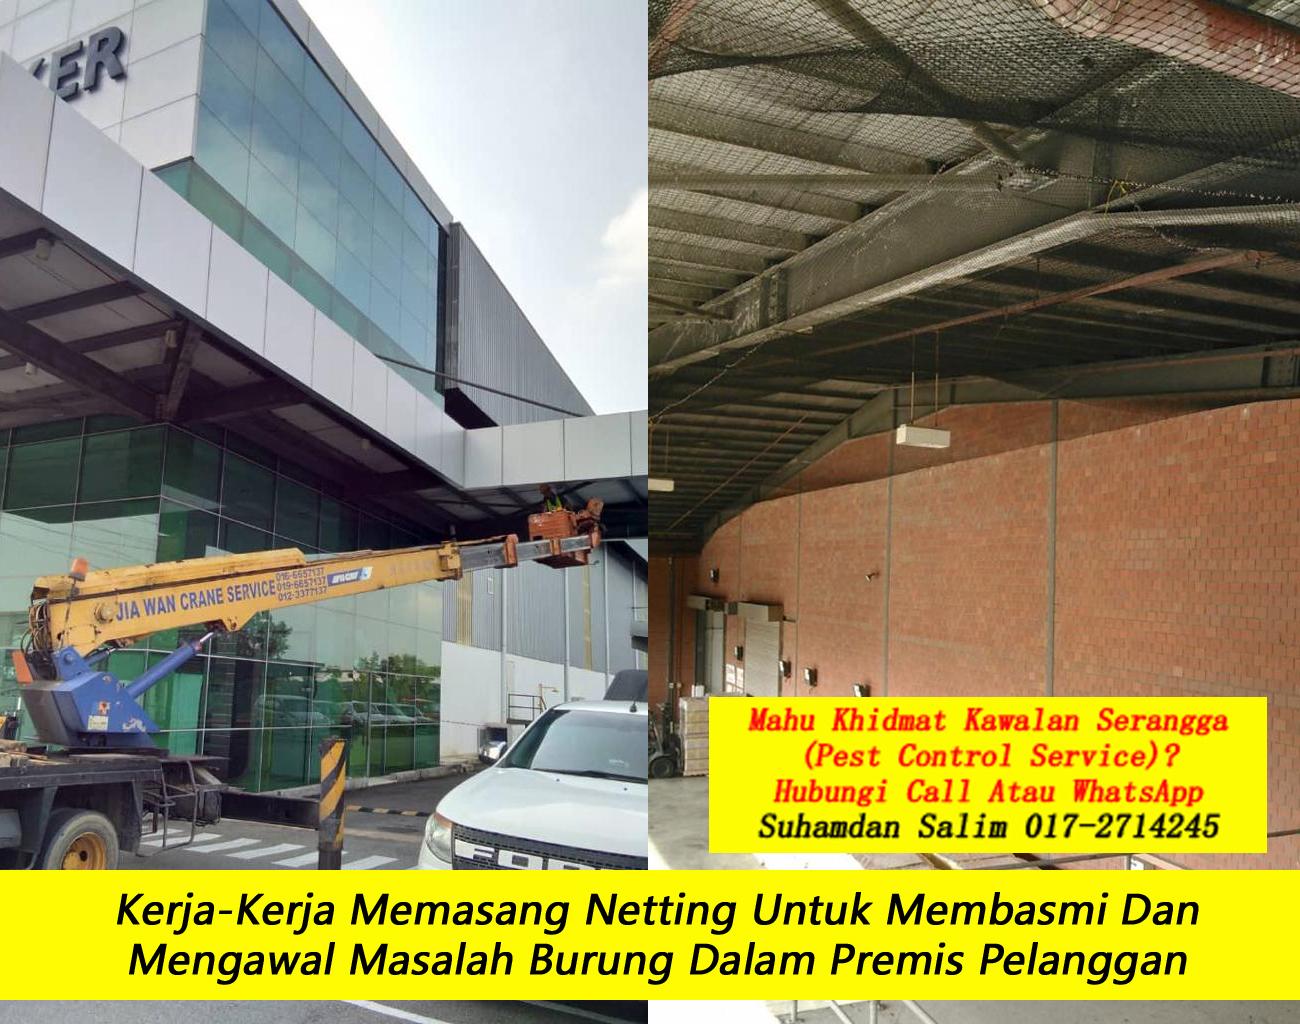 khidmat kawalan serangga burung kelawar syarikat kawalan serangga company pest control Kampung Baru kl taman perumahan kawasan perindustrian near me felda